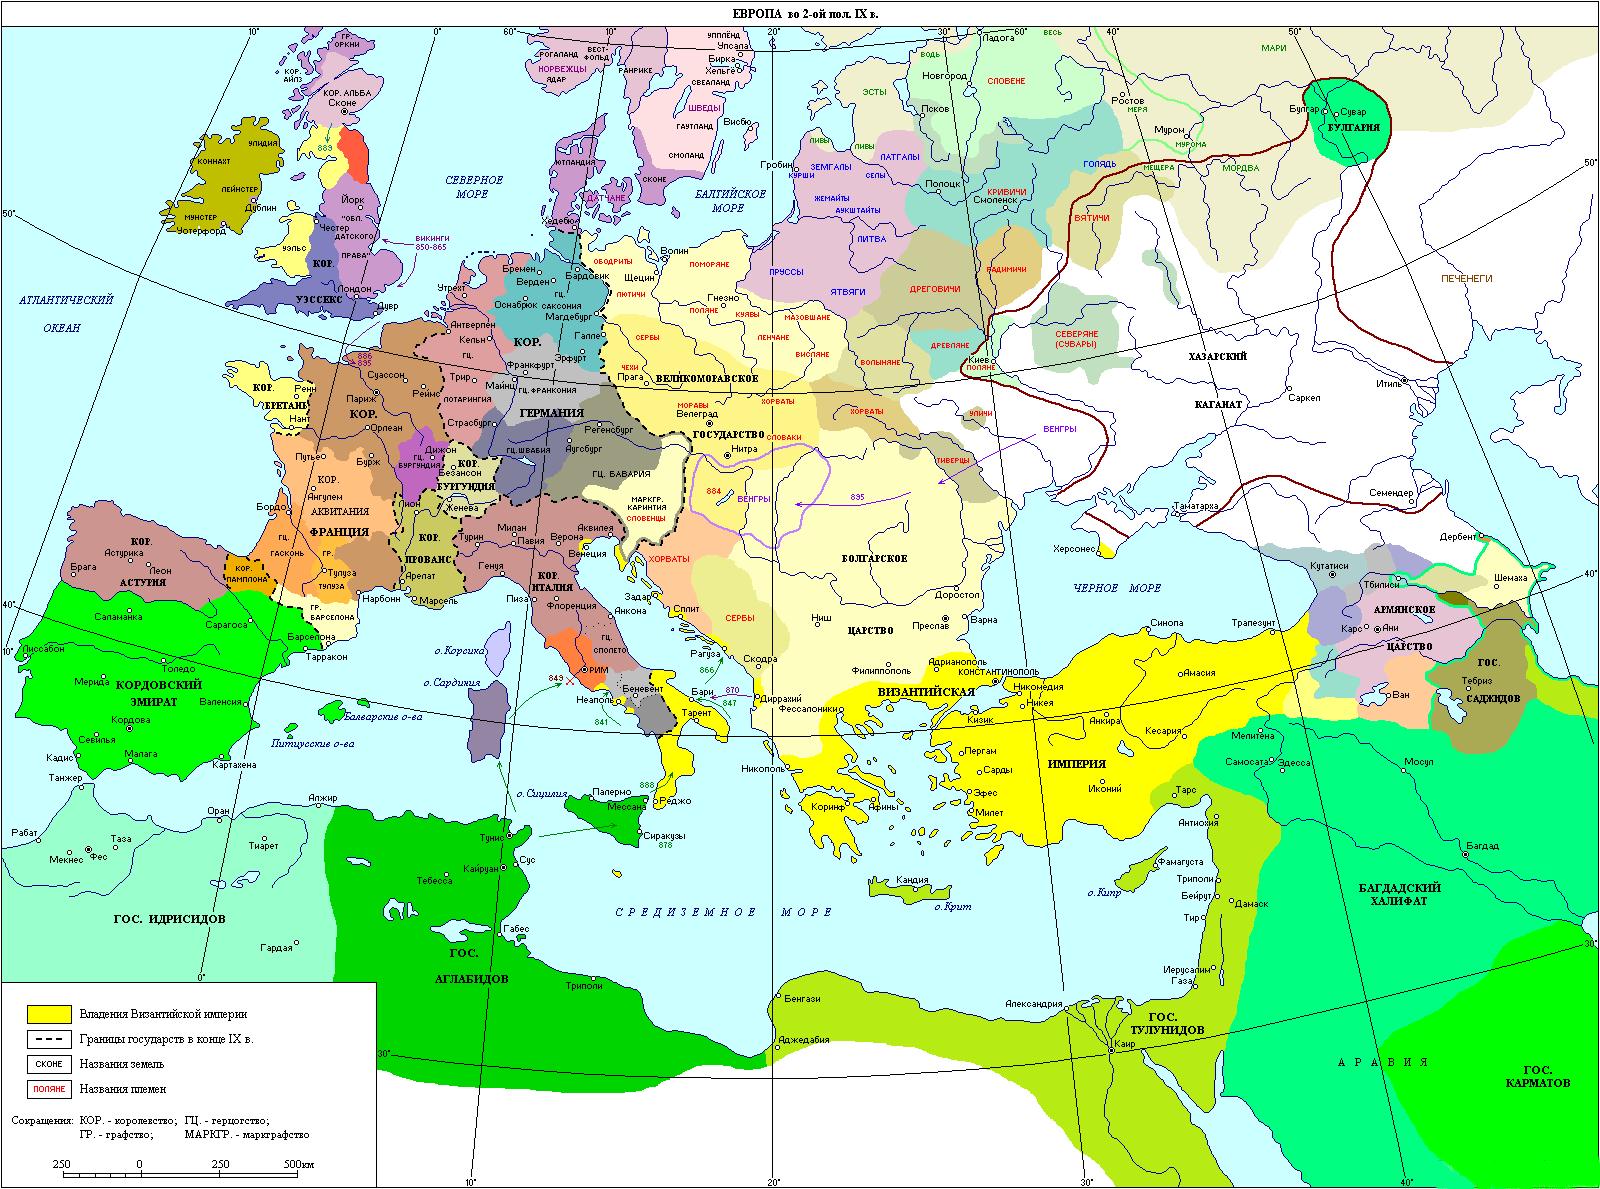 Карта Европы 1940 Год